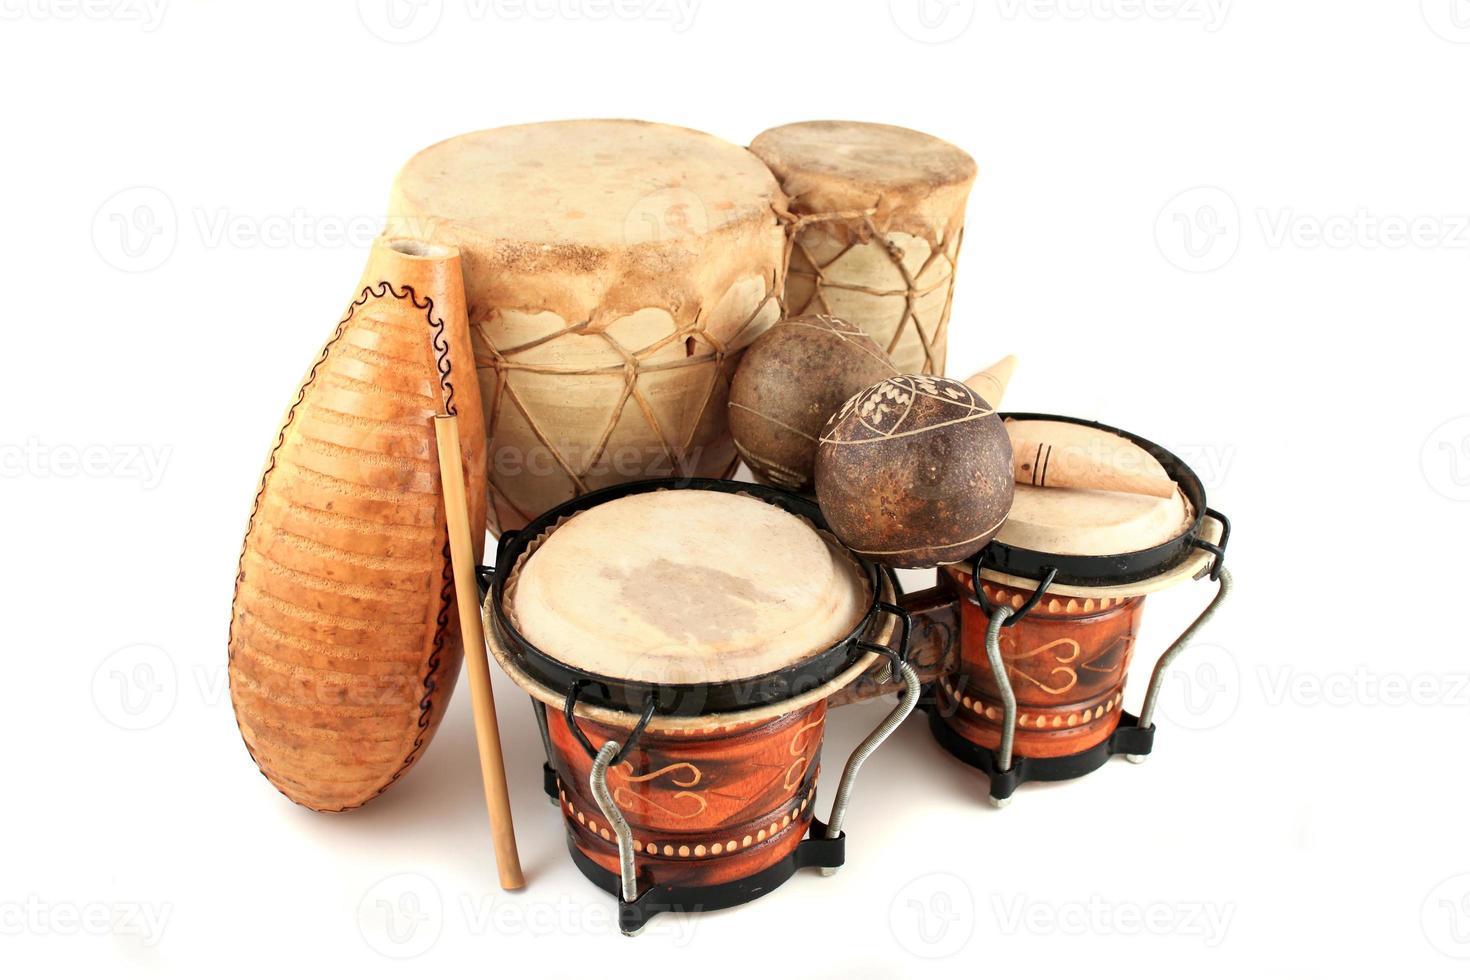 lateinische Rhythmusinstrumente foto